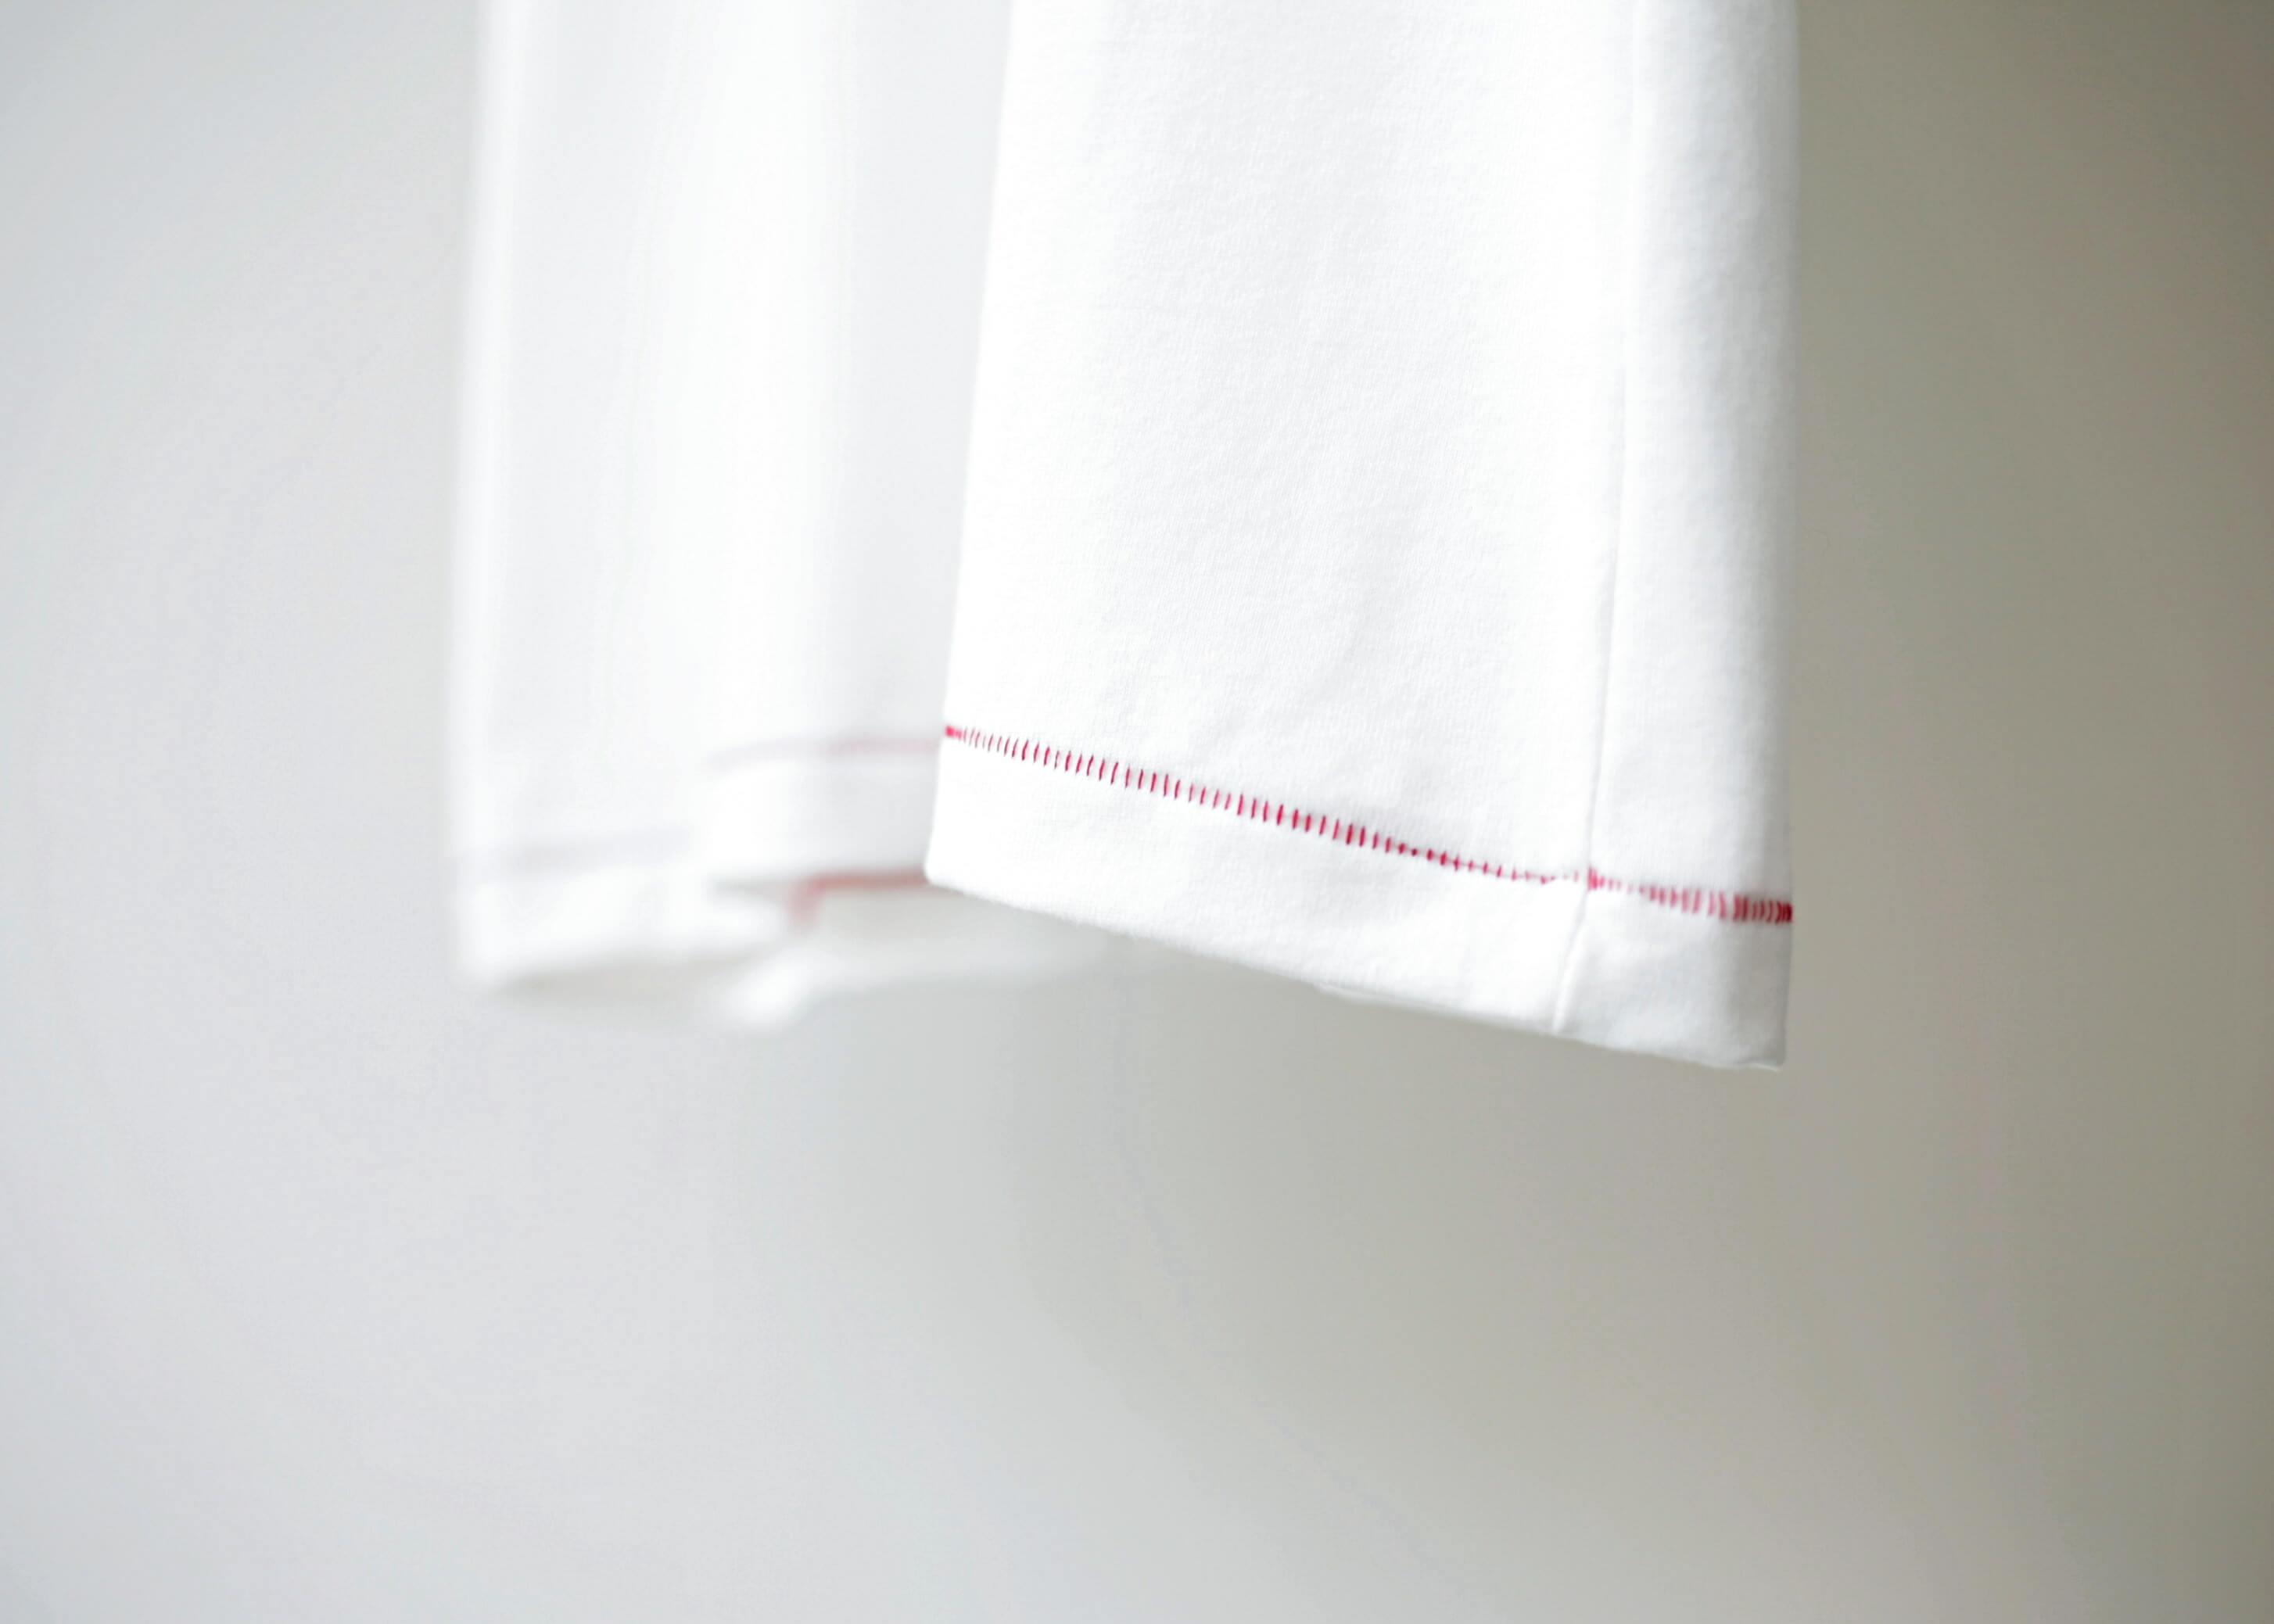 thee stitching tee white 裾の縫い目のアップ